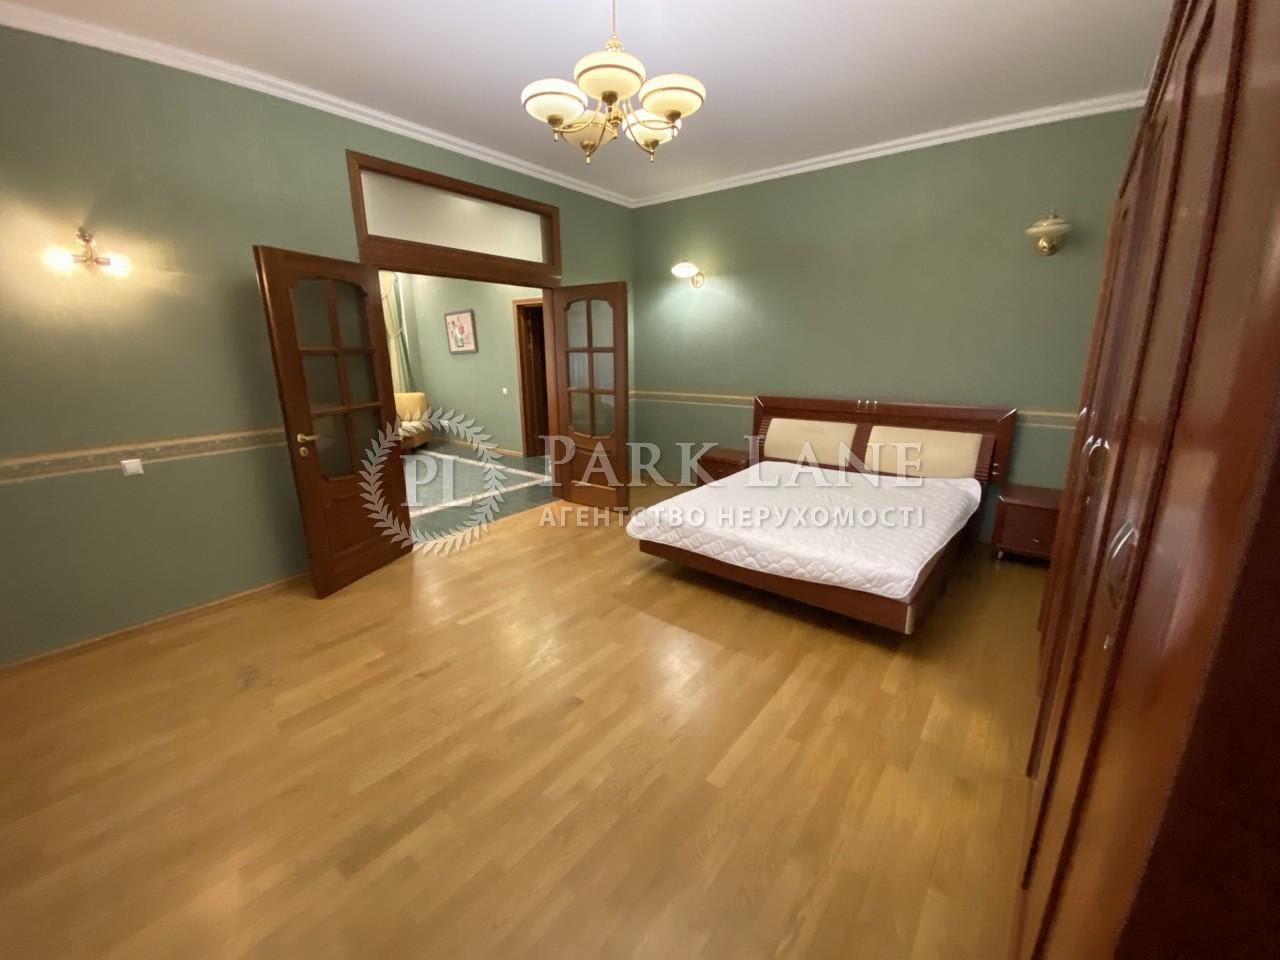 Квартира вул. Коновальця Євгена (Щорса), 32а, Київ, F-27157 - Фото 9